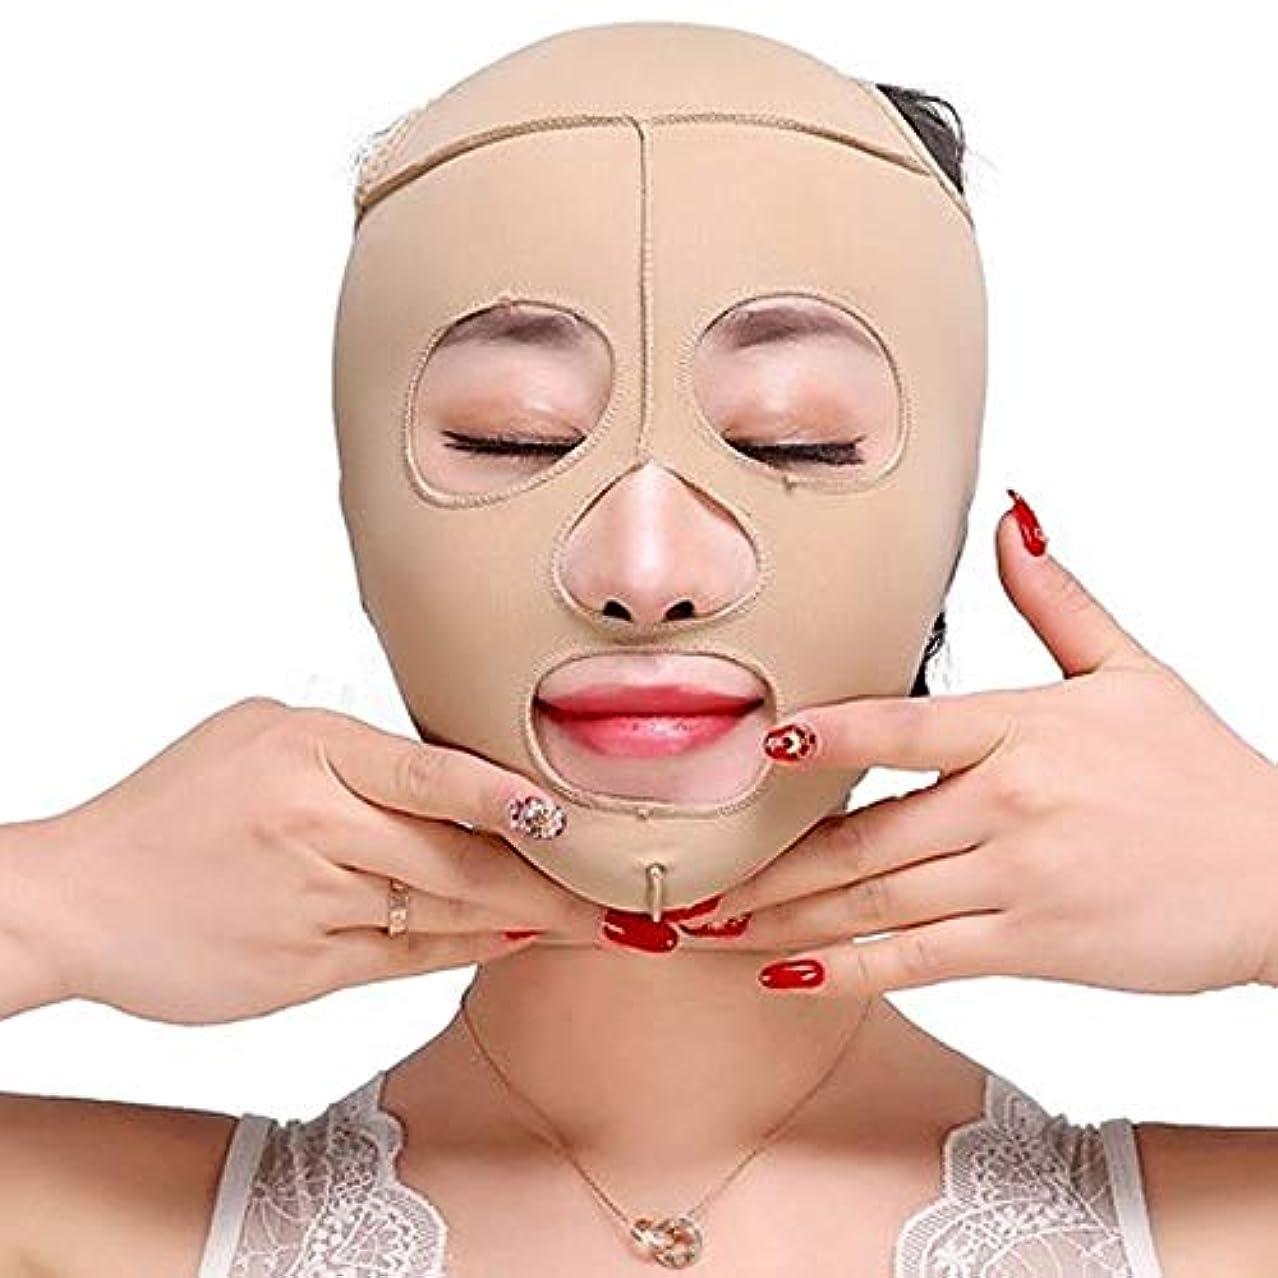 可塑性販売計画引退するフェイスリフティングアーティファクト睡眠薄い顔顔の顔薄い顔V顔マスク二重あご薄い顔包帯肌色 (サイズ さいず : S s)